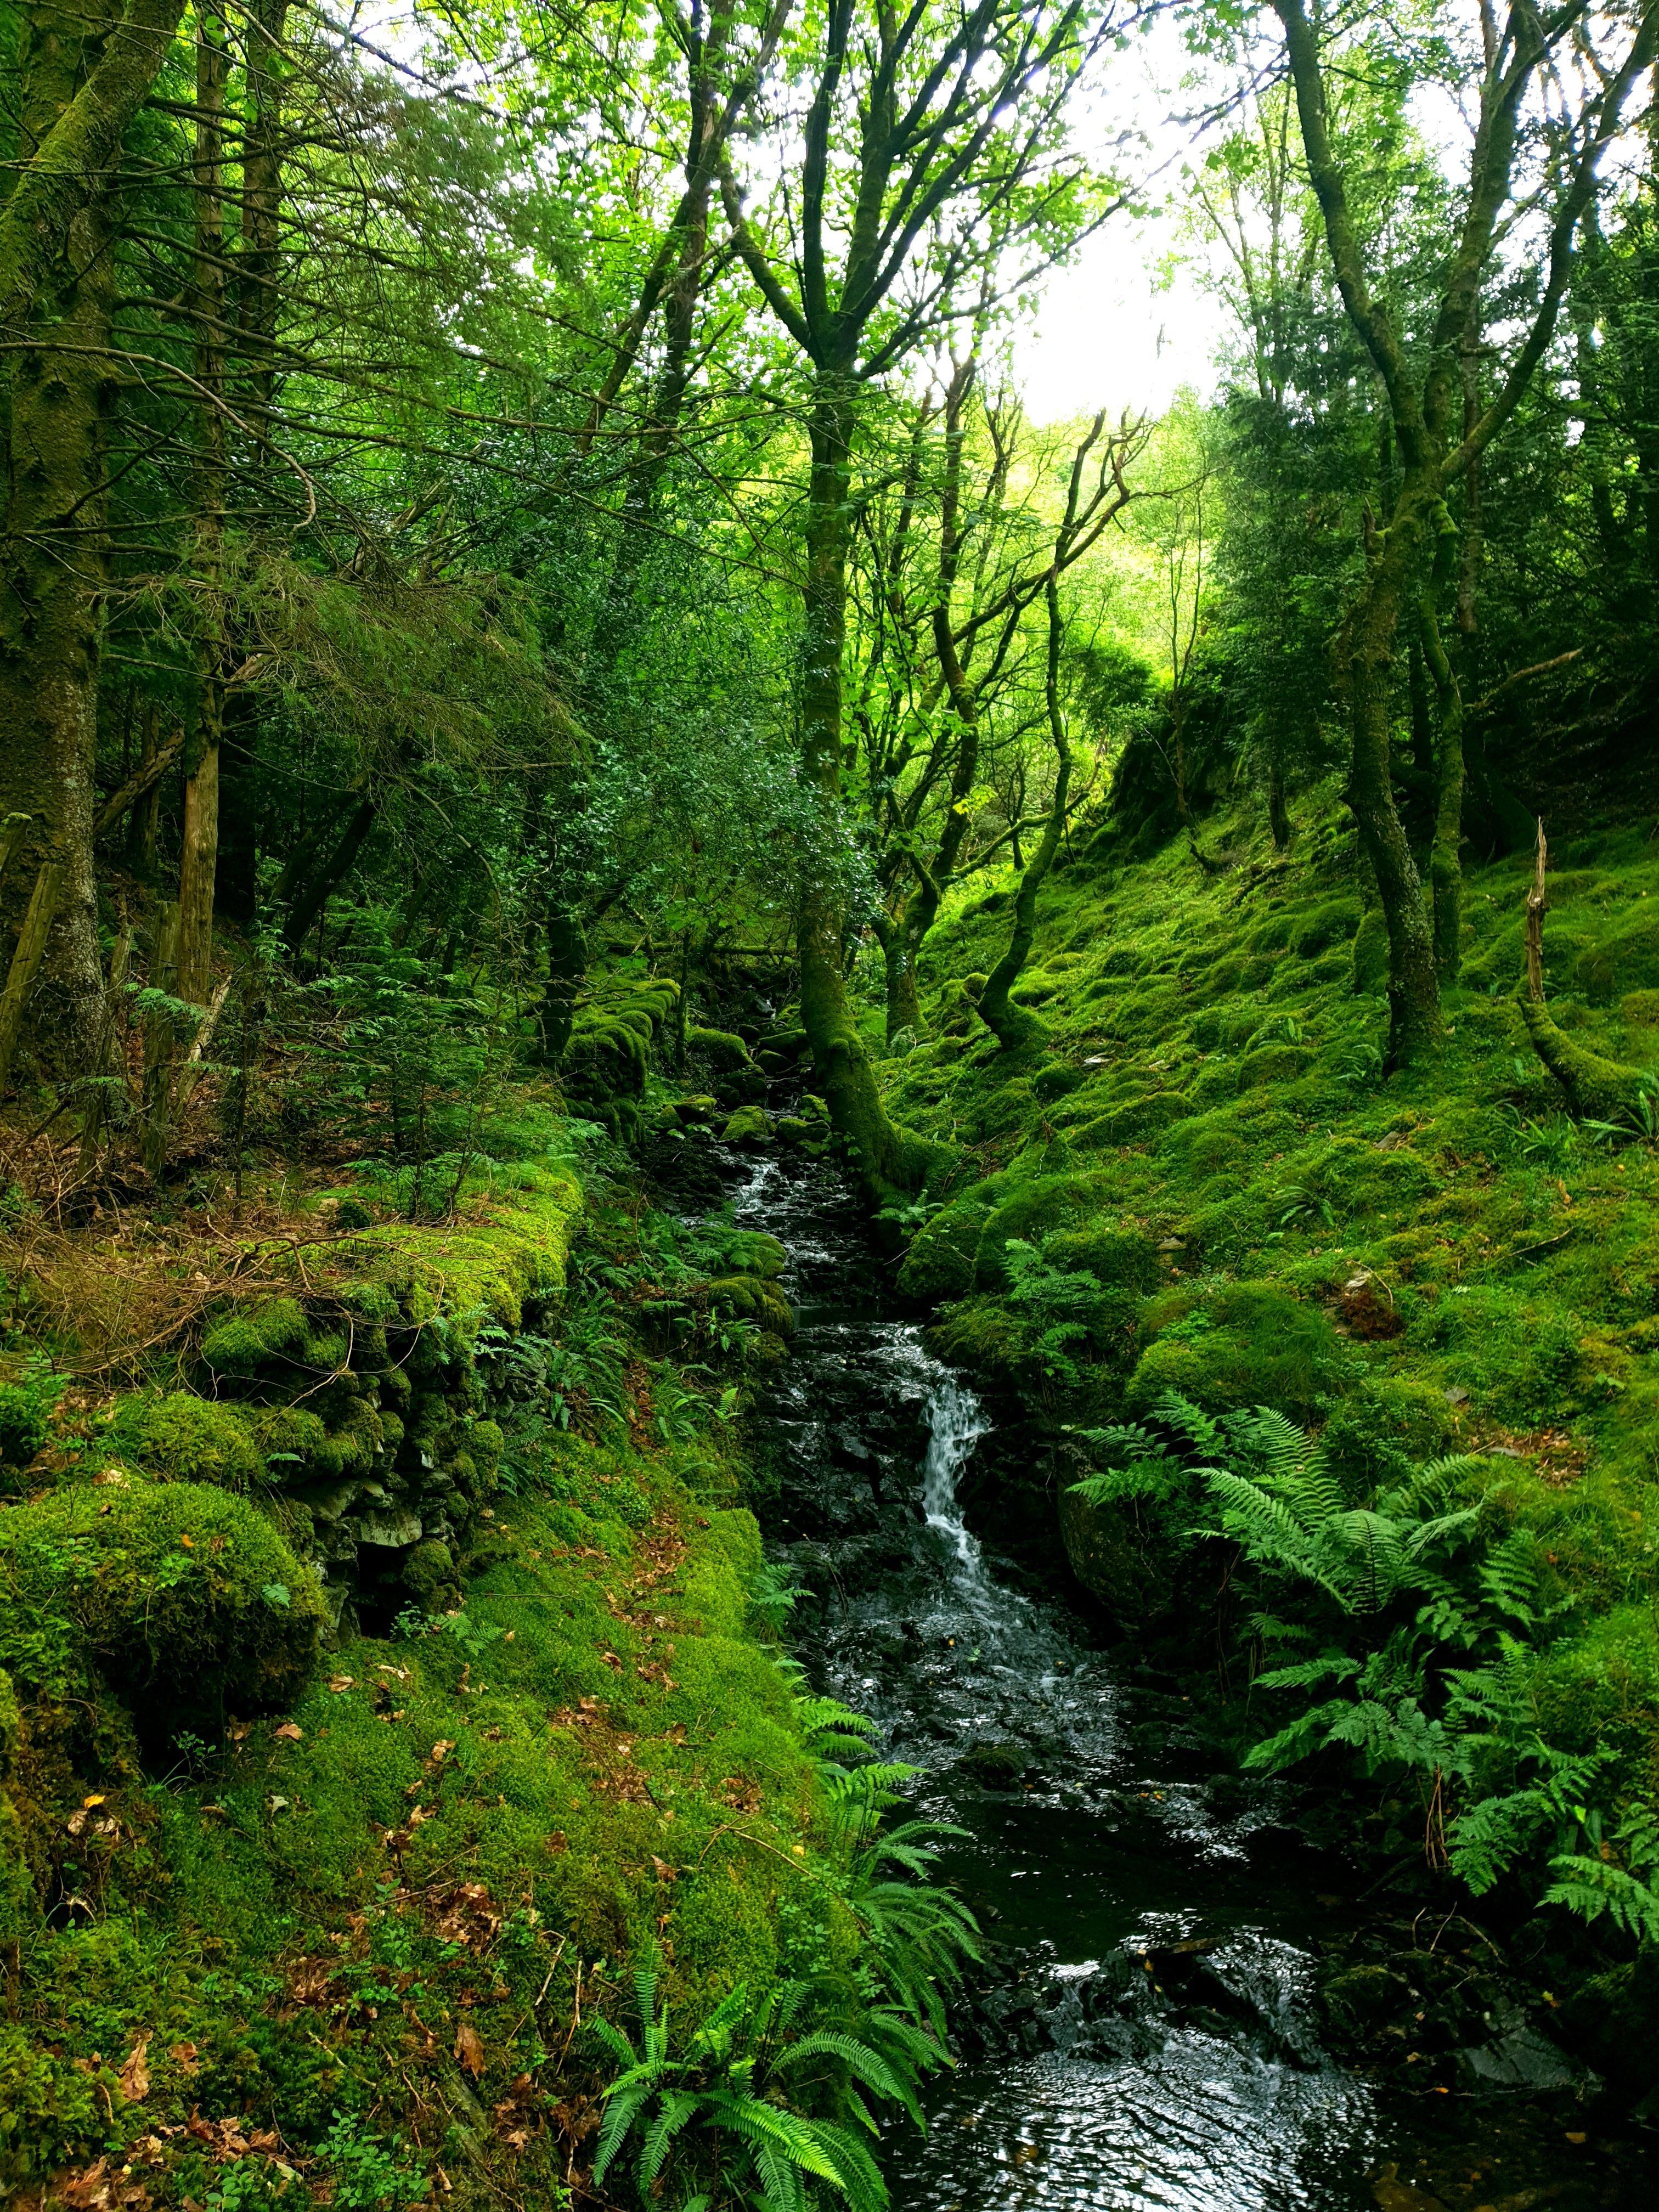 Llanfachreth North Wales [OC] 3024x4032